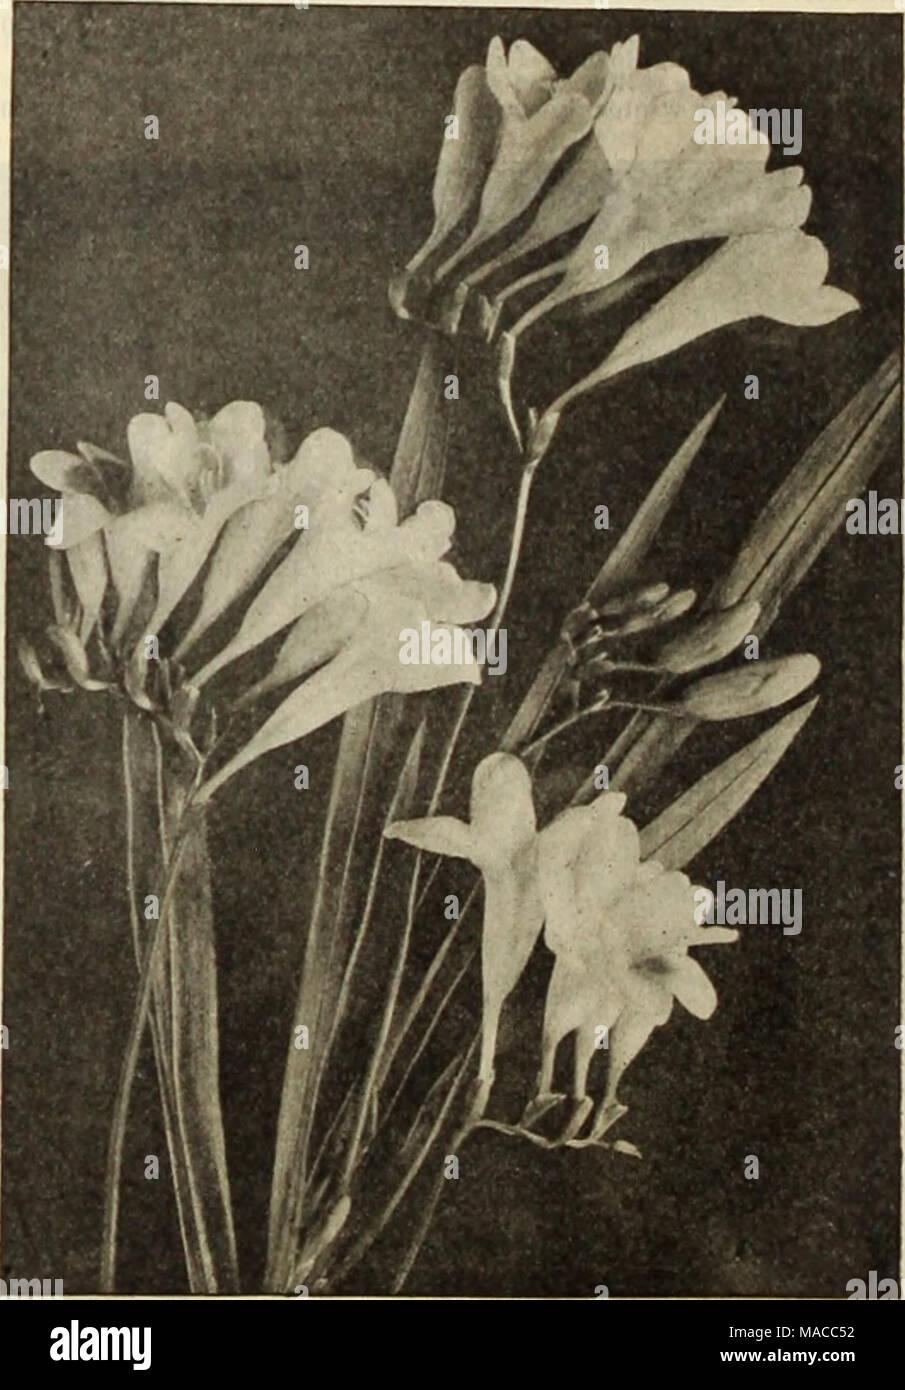 Freesia Seeds Stock Photos & Freesia Seeds Stock Images - Alamy